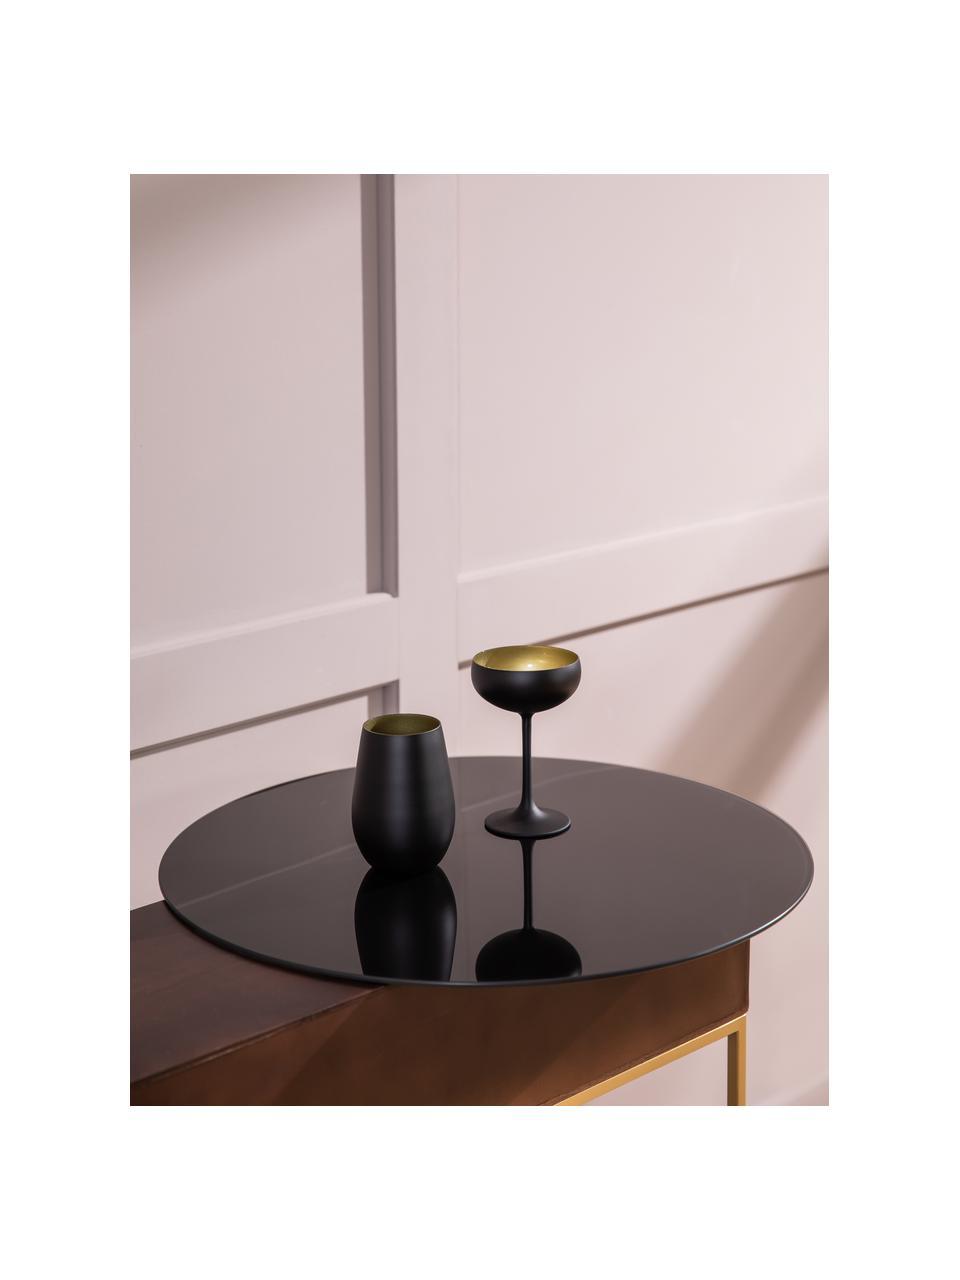 Kristall-Champagnerschalen Elements in Schwarz/Gold, 6 Stück, Kristallglas, beschichtet, Schwarz, Messingfarben, Ø 10 x H 15 cm